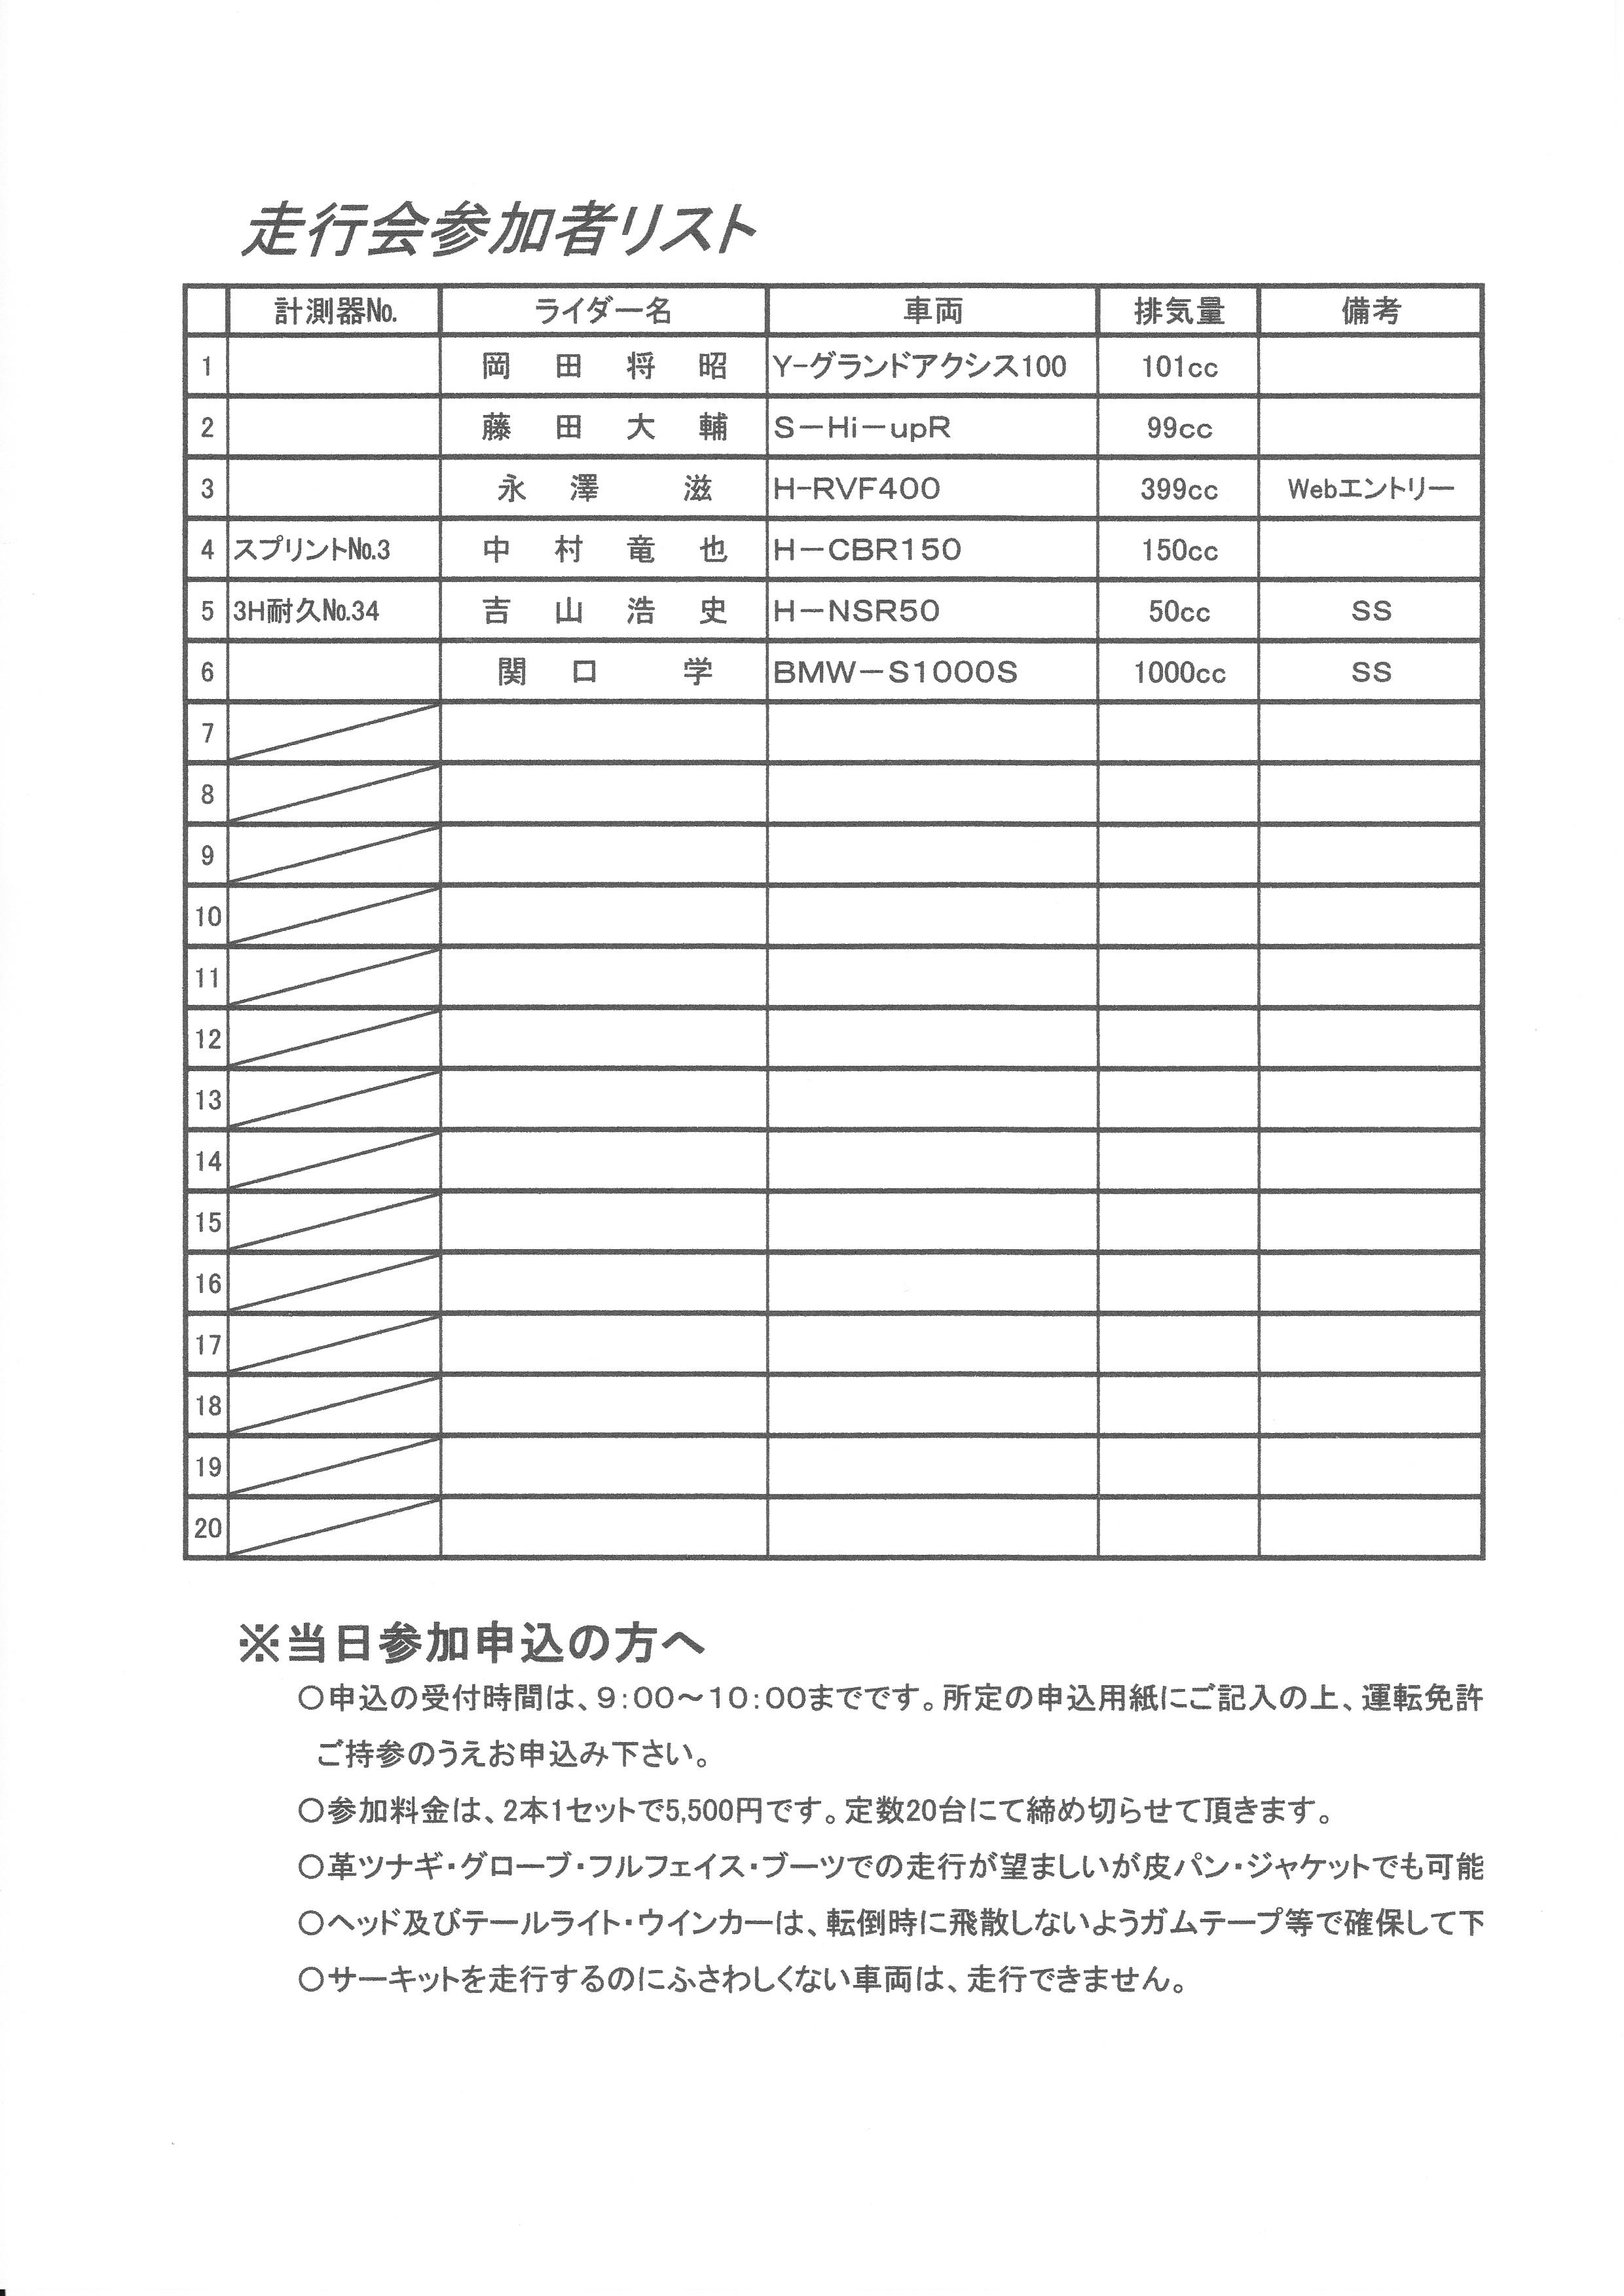 20140112_0001.jpg